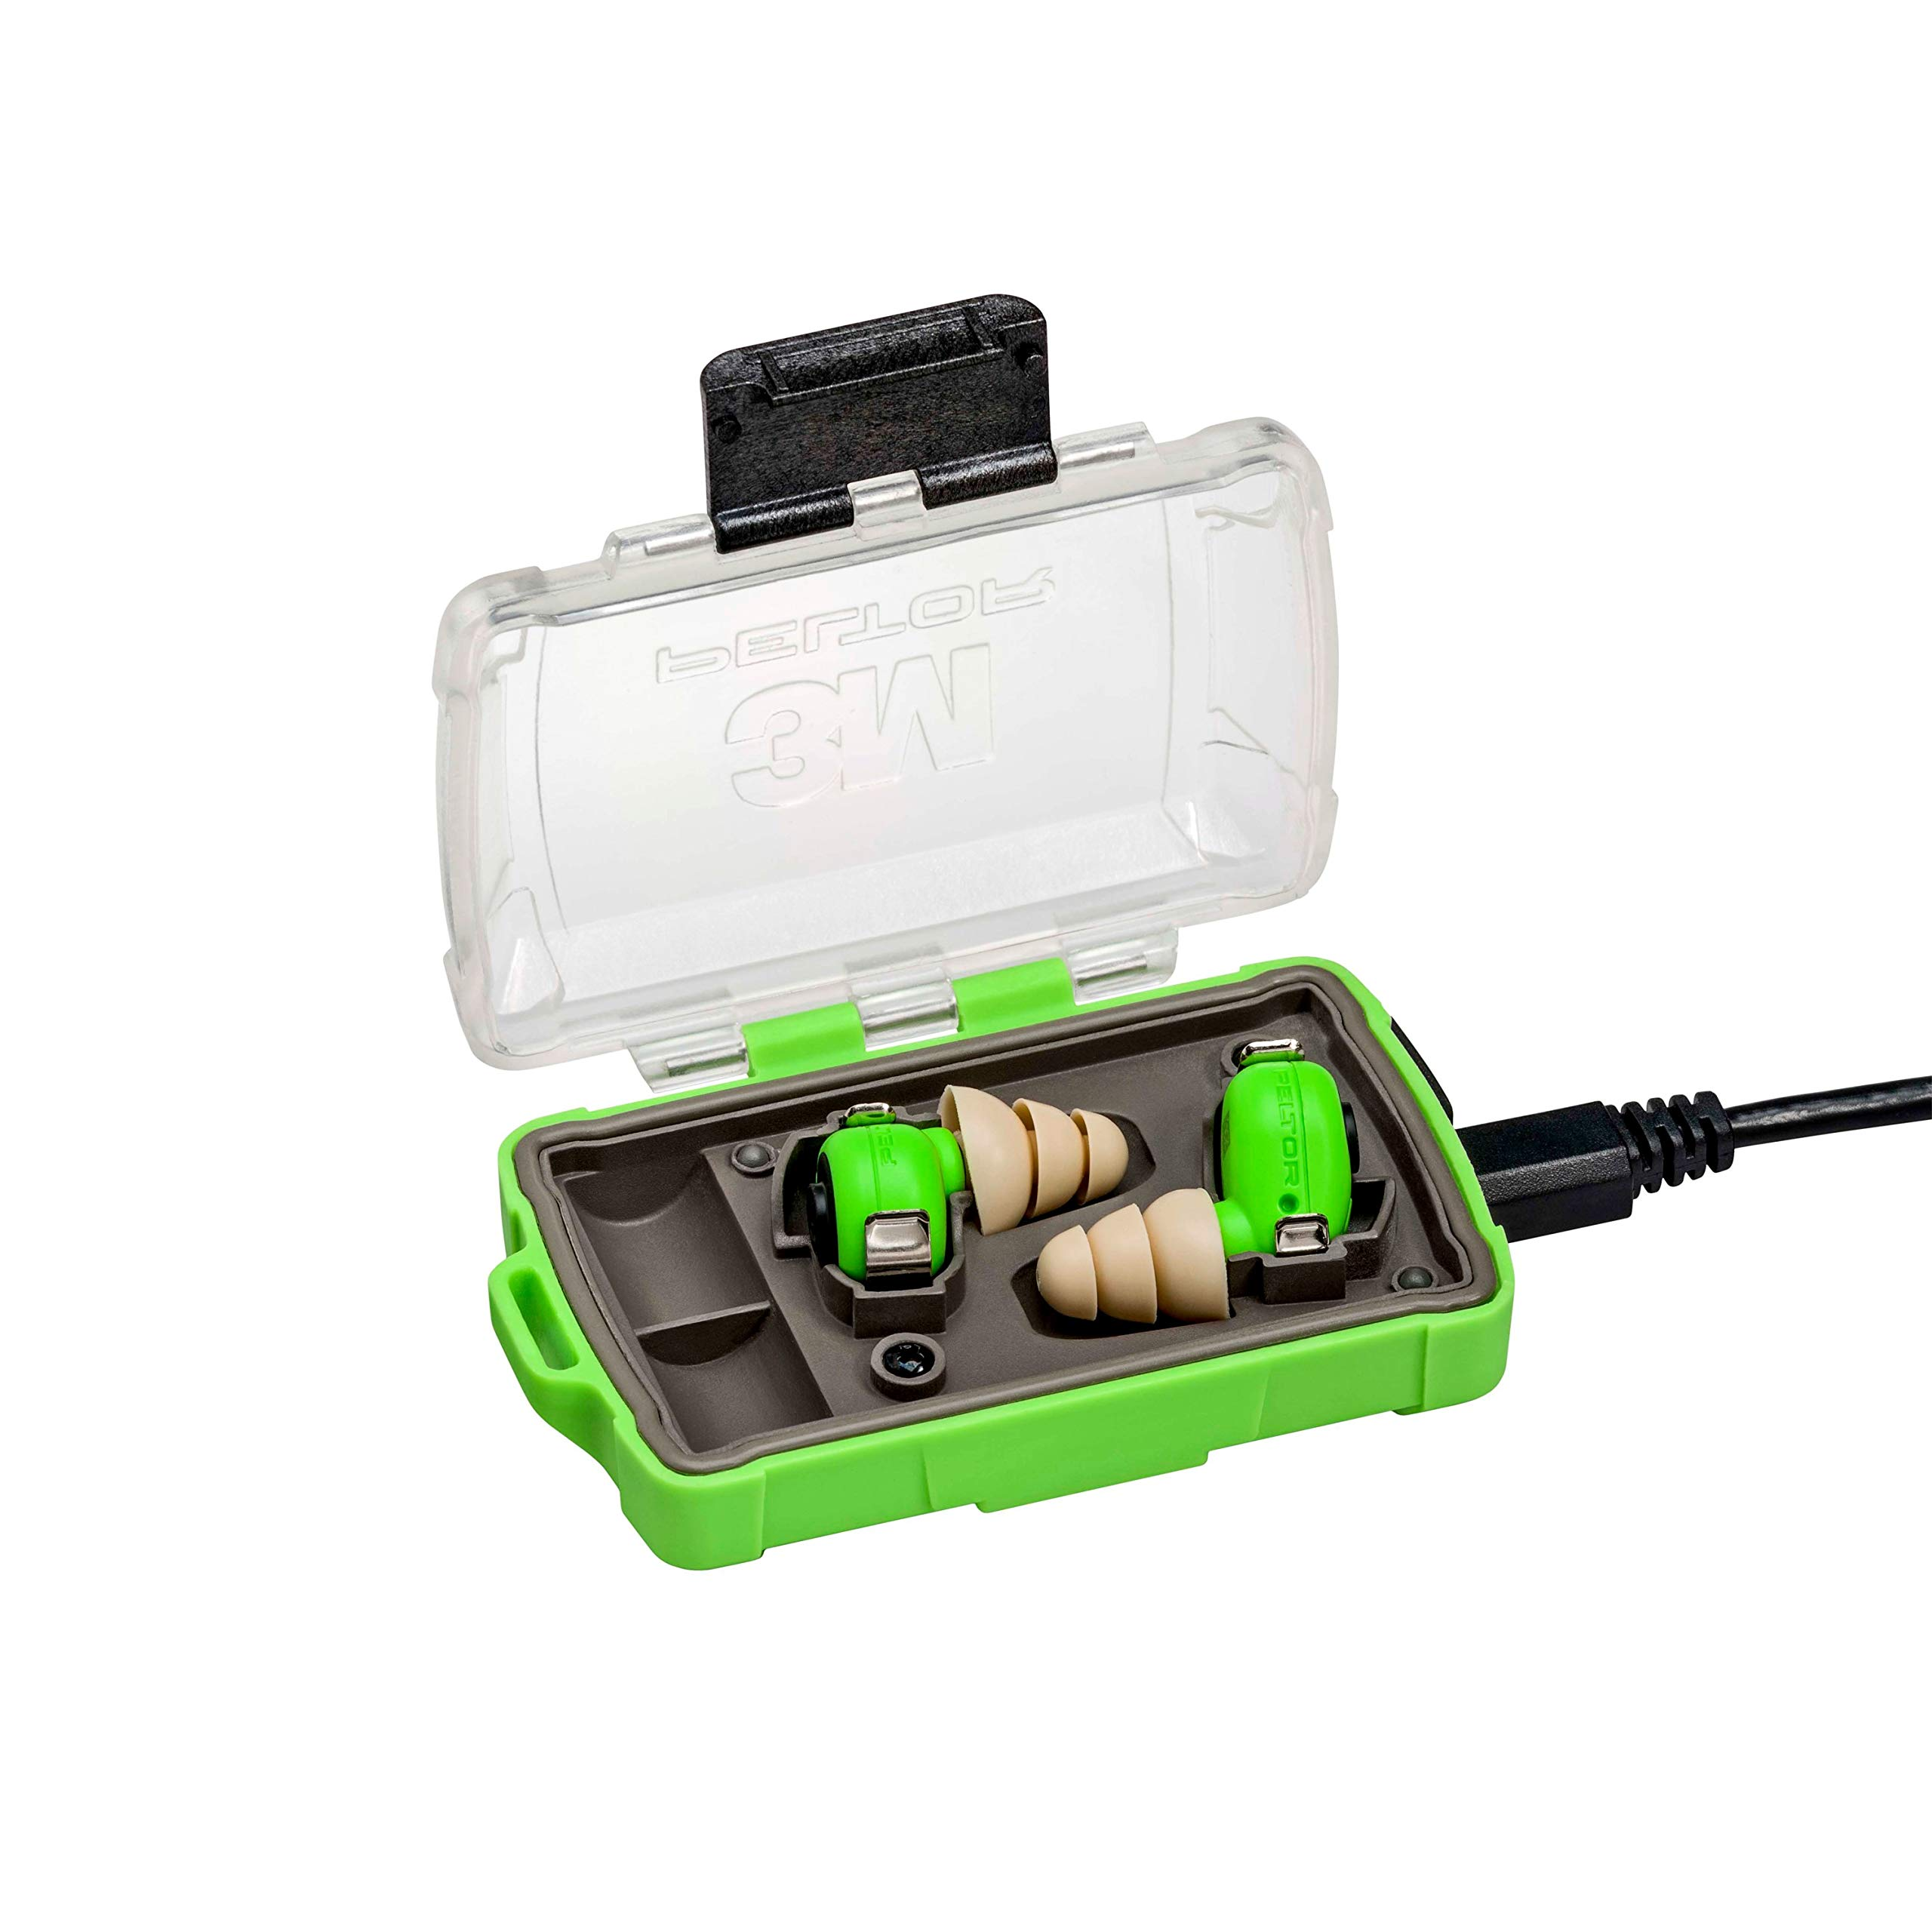 3M PELTOR Electronic Earplug, EEP-100 by 3M (Image #6)